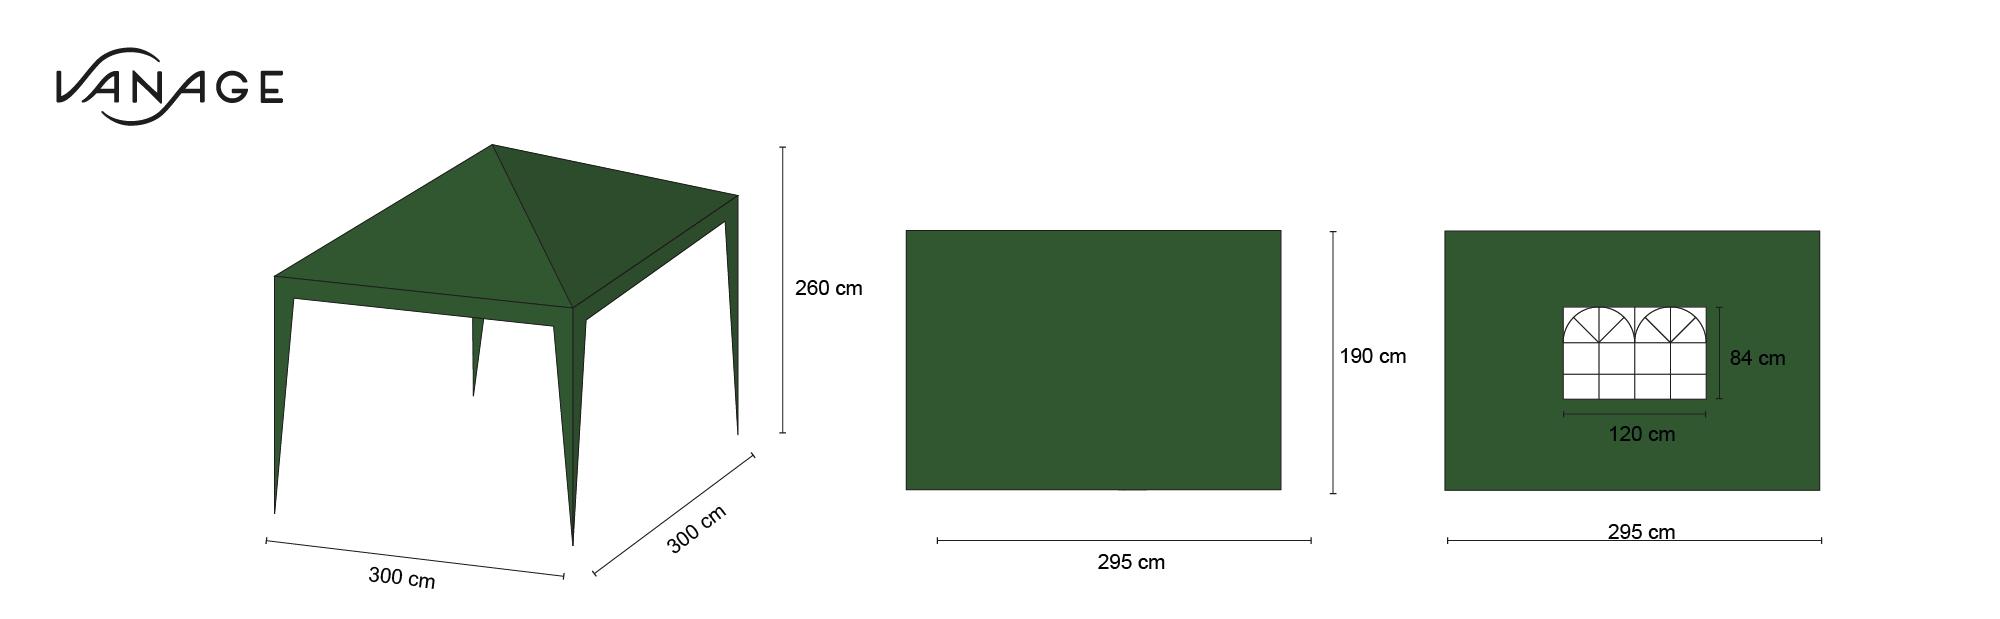 vanage pavillon stella gr n aus aluminium mit 4 seitenw nden 300x300x260cm. Black Bedroom Furniture Sets. Home Design Ideas